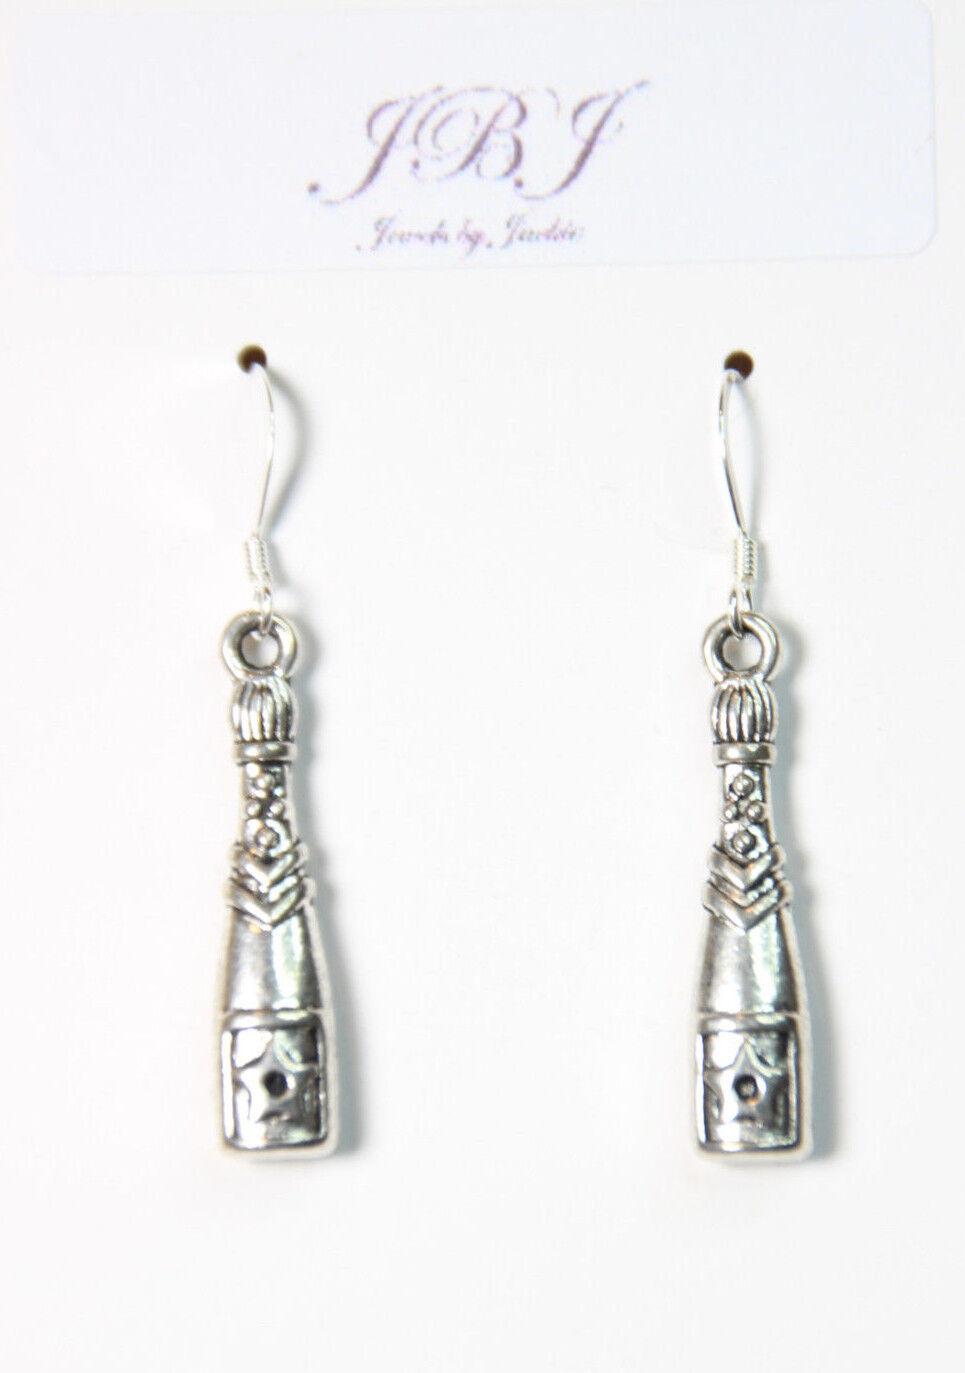 Wine Bottle Earrings Champagne Festival 925 sterling silver